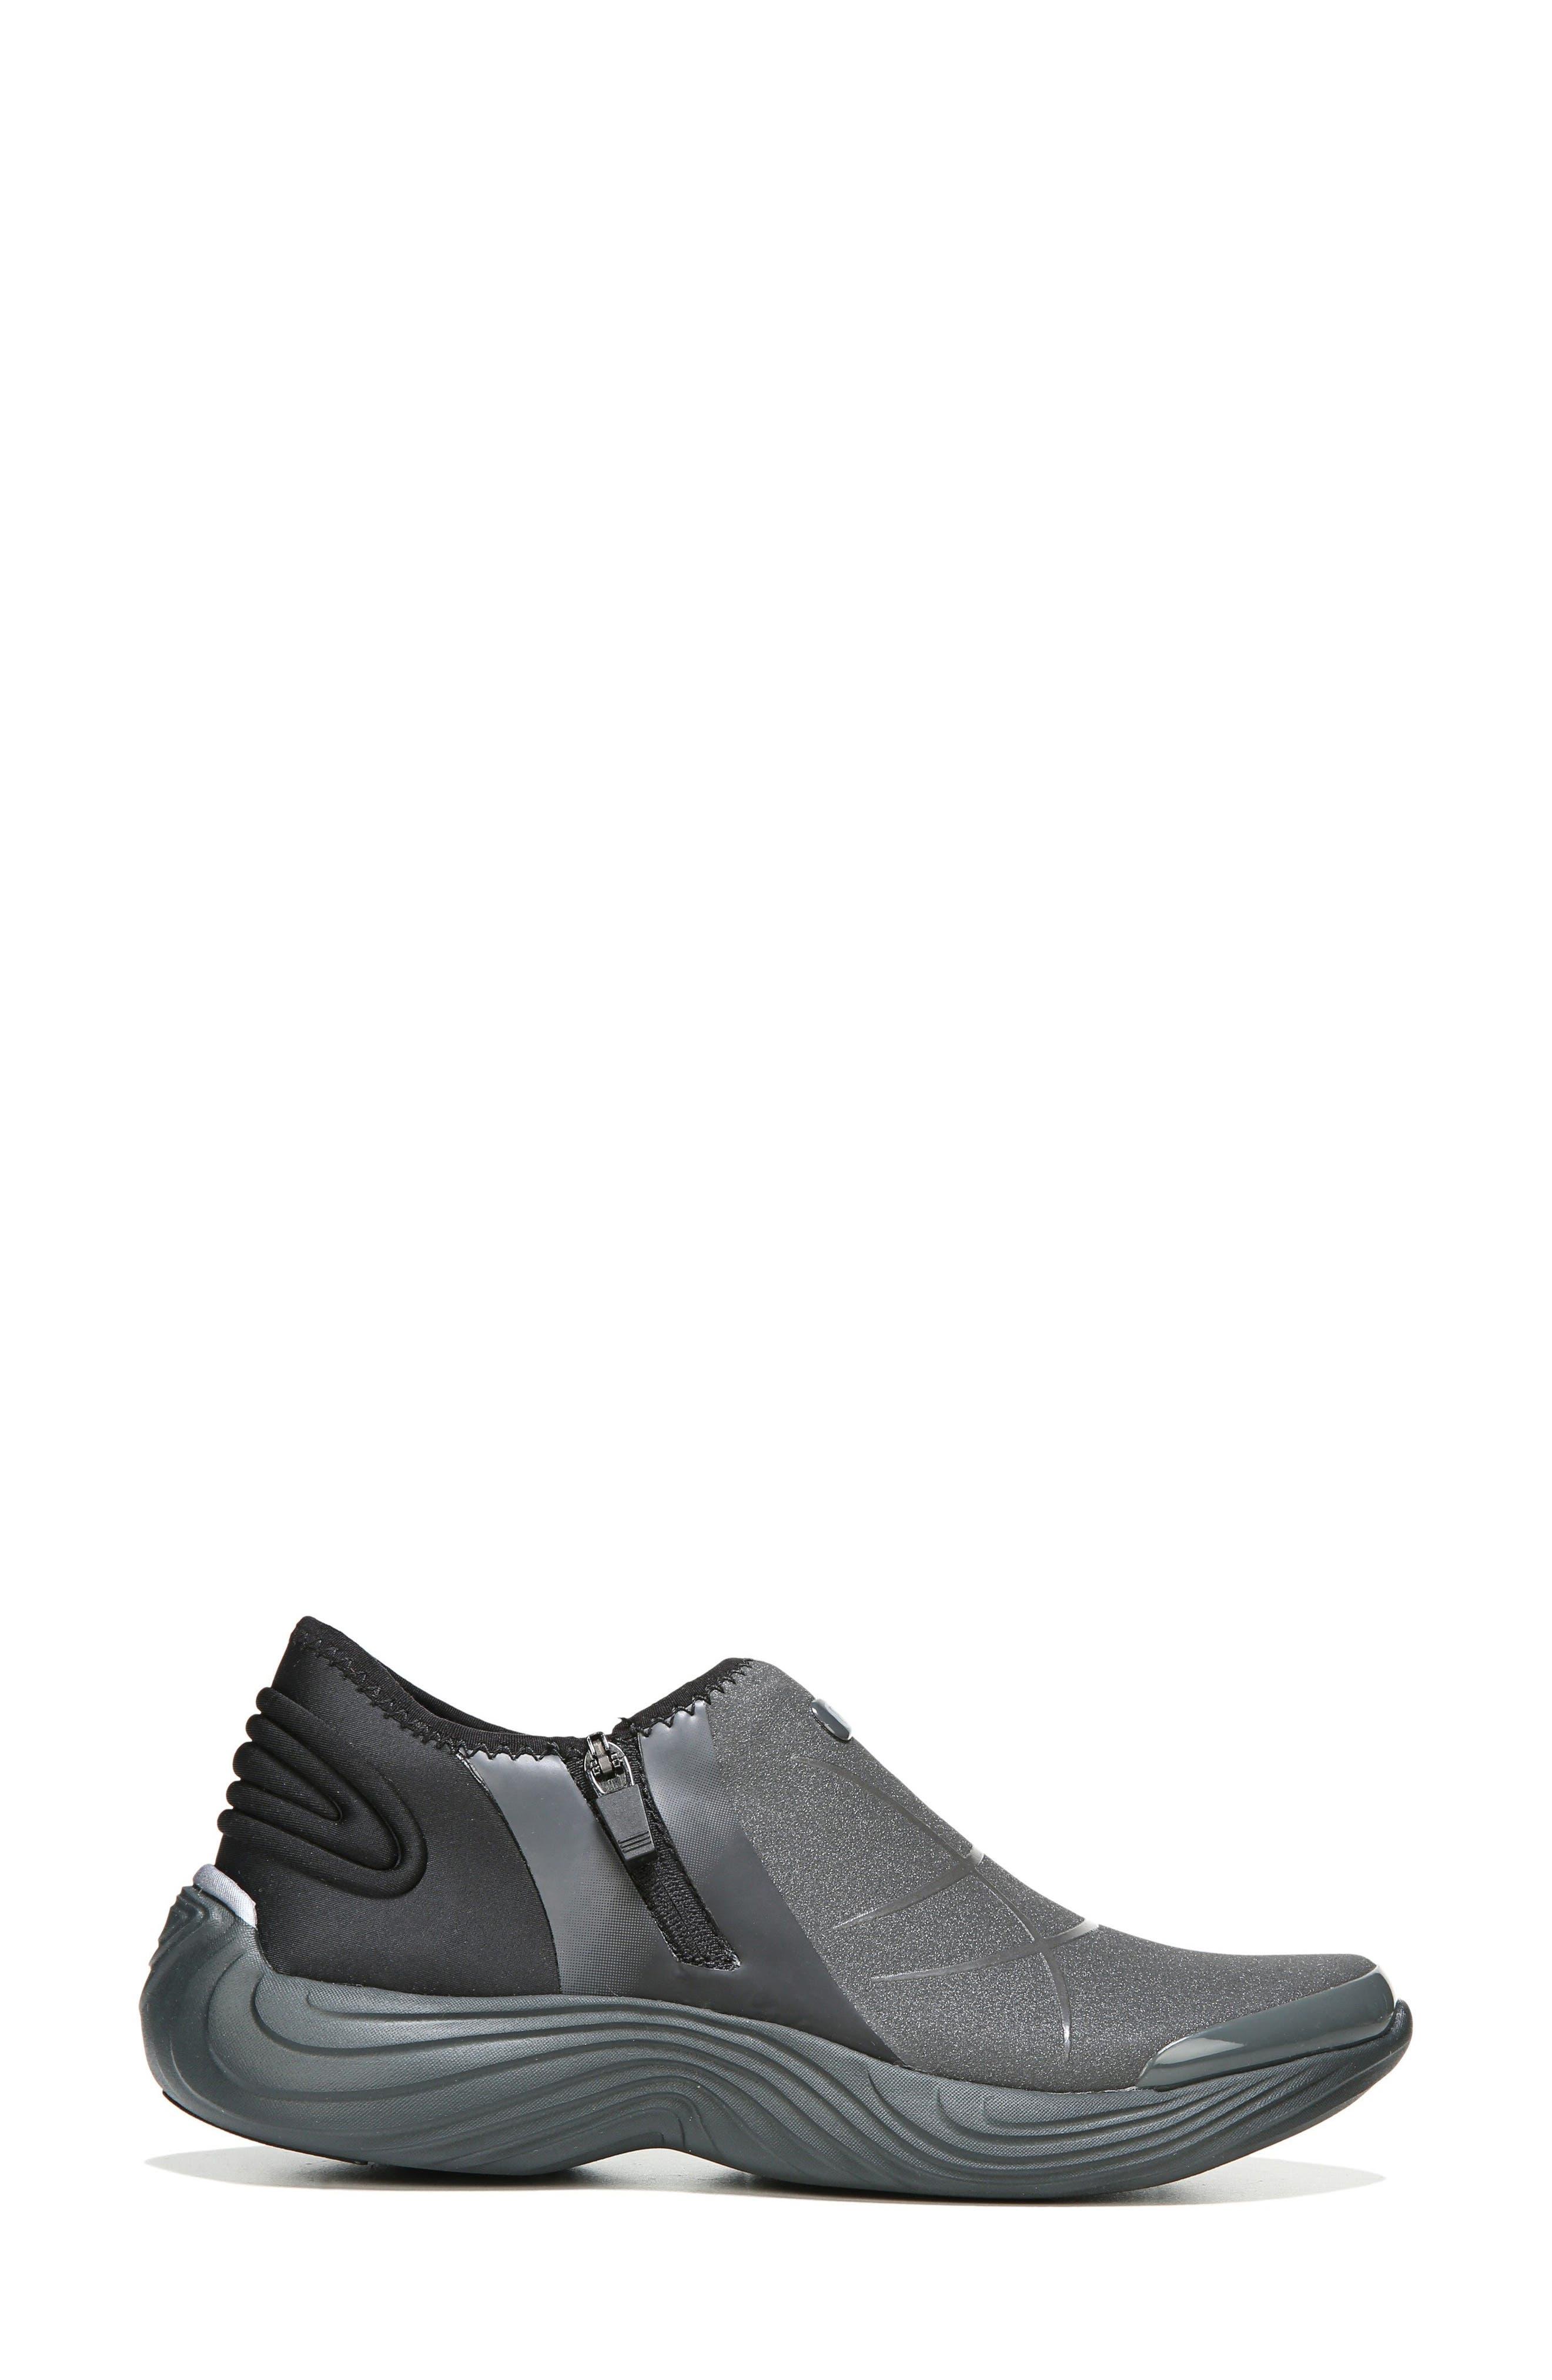 Trilogy Slip-On Sneaker,                             Alternate thumbnail 6, color,